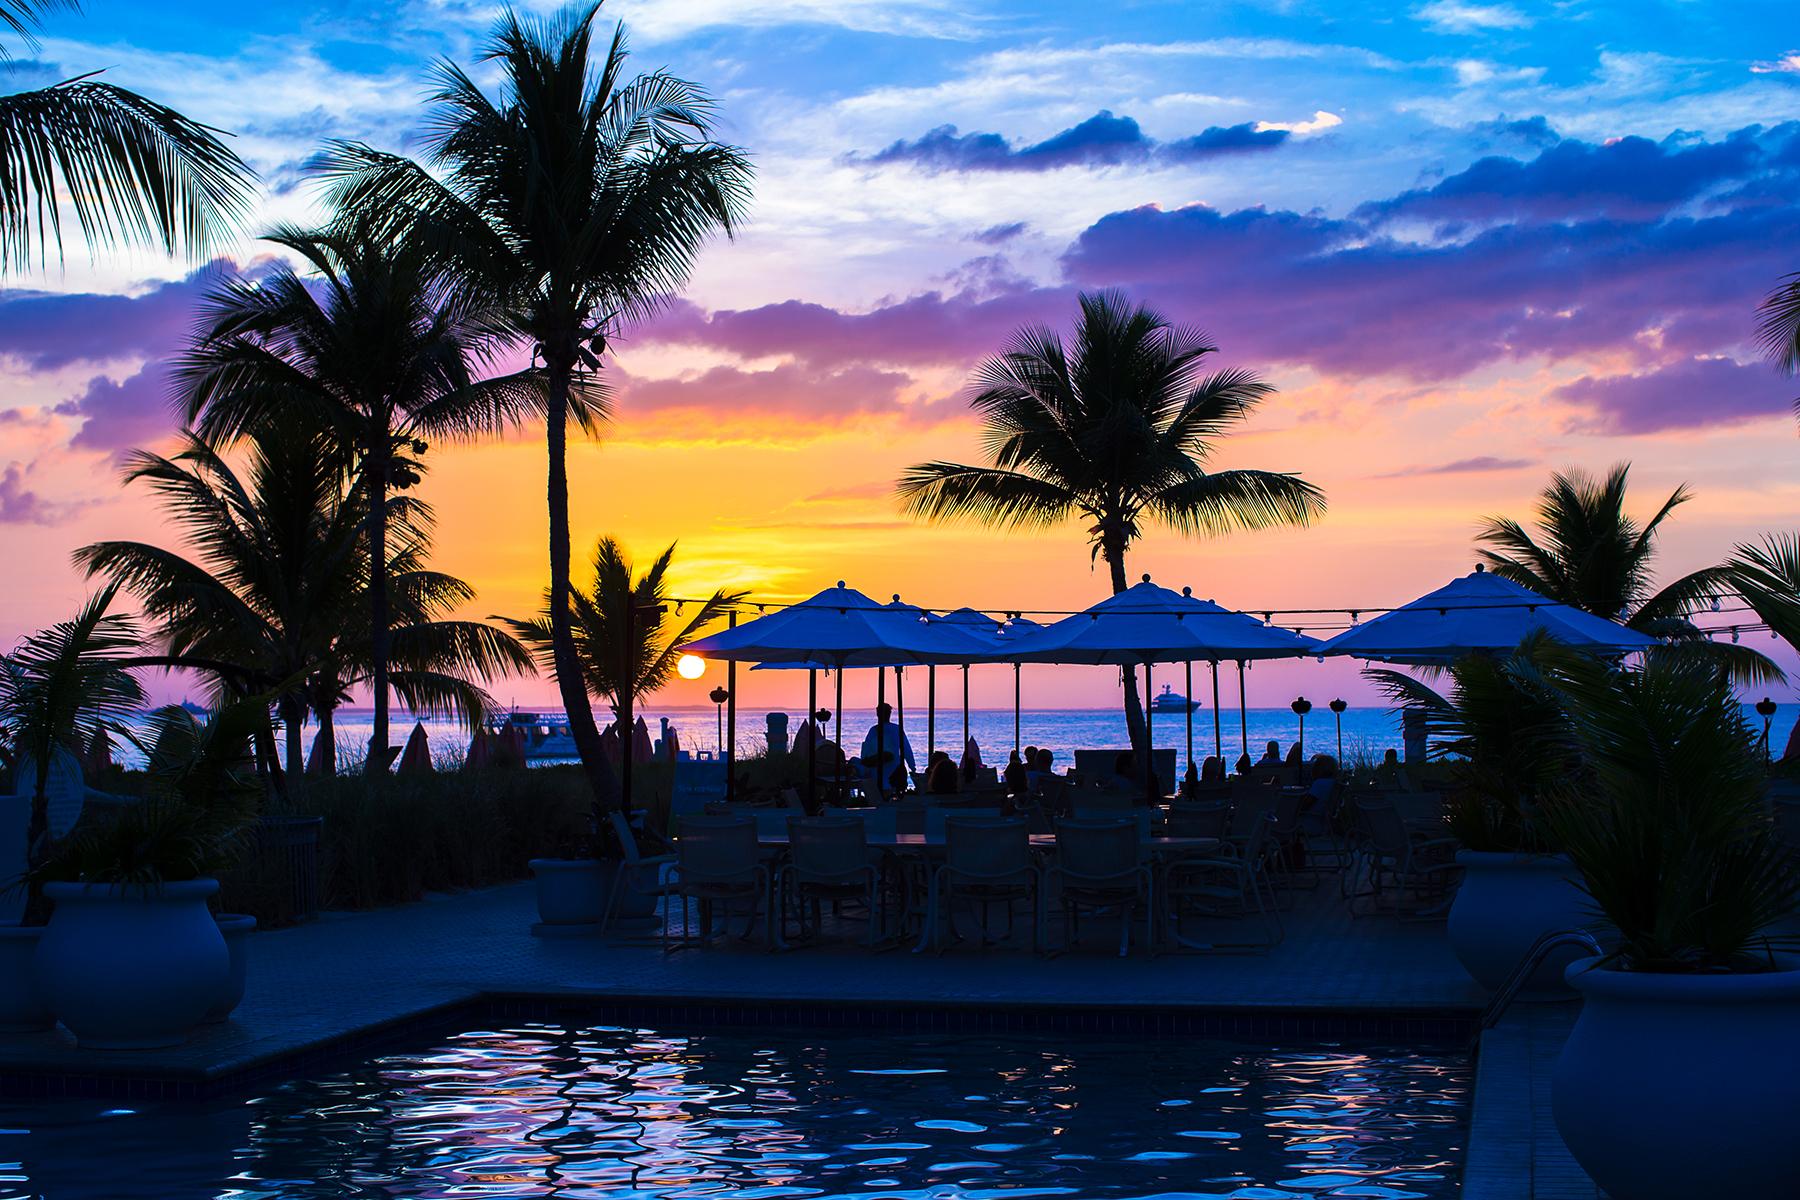 sunset on turks and caicos coast